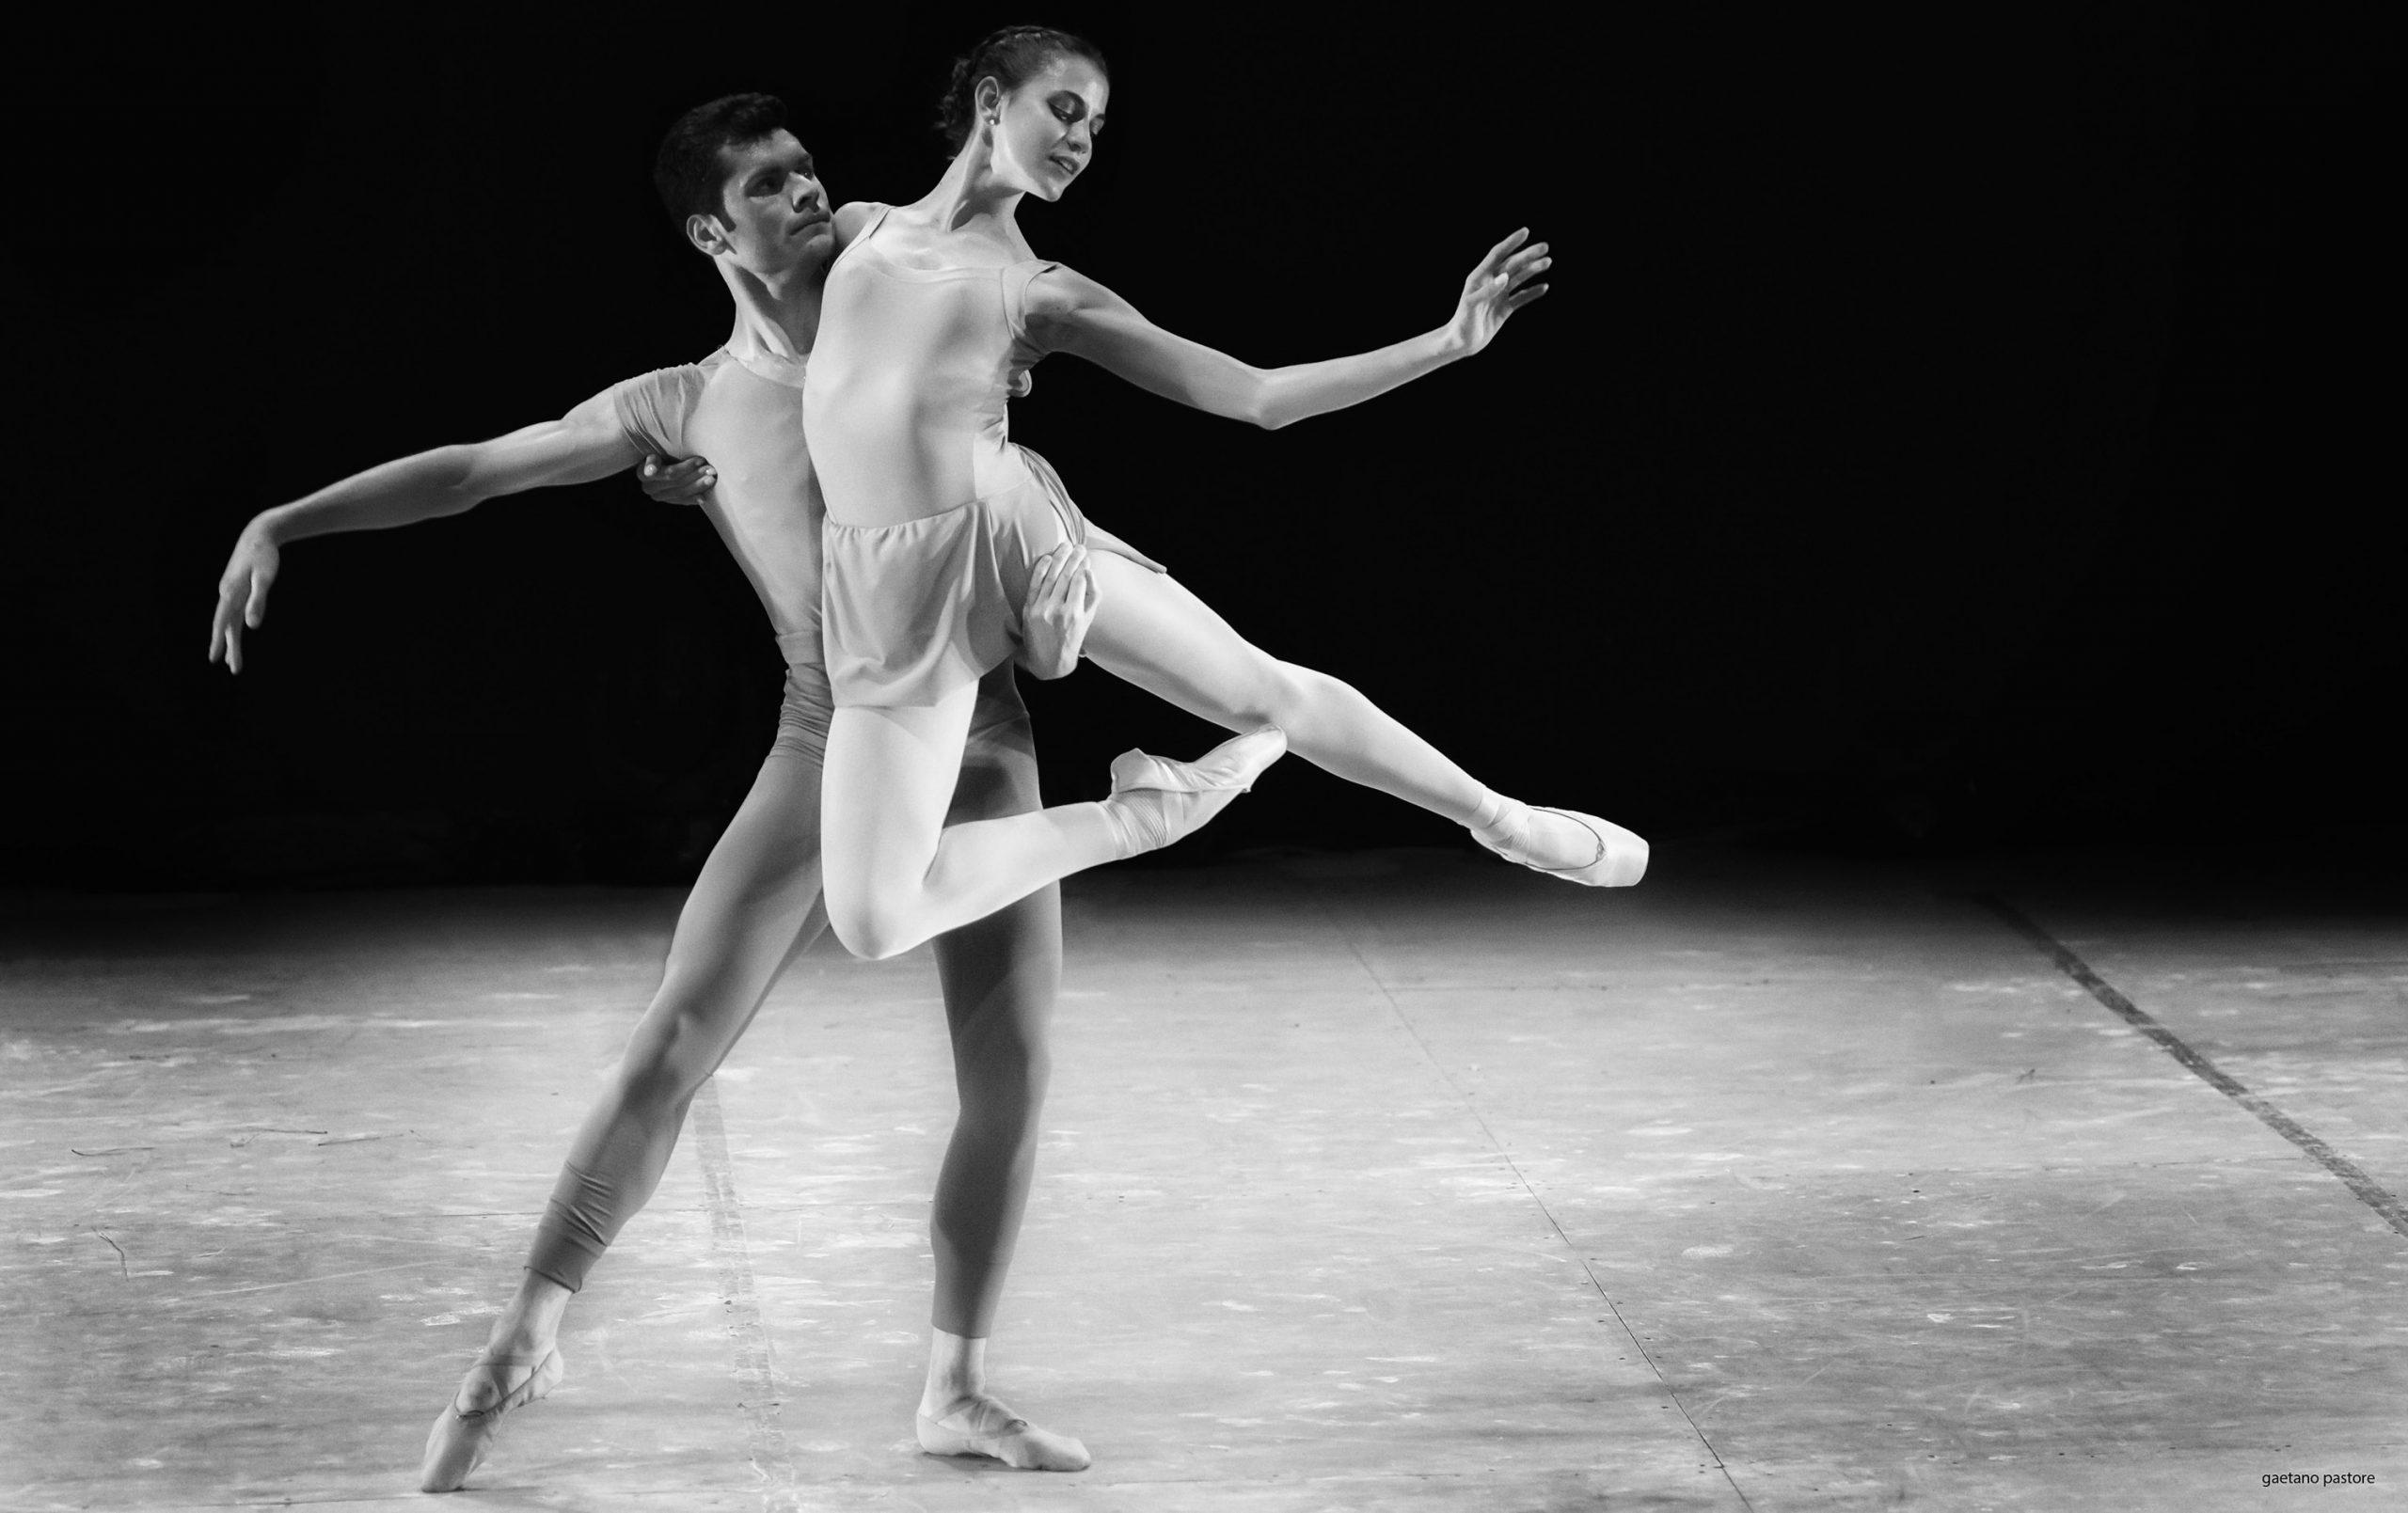 Categorie: Portrait, Sport; Photographer: GAETANO PASTORE; Dancers: FRANCESCO AVERSANO & MARTINA MARROCCOLO; Location: Accademia Nazionale di Danza, Roma, RM, Italia